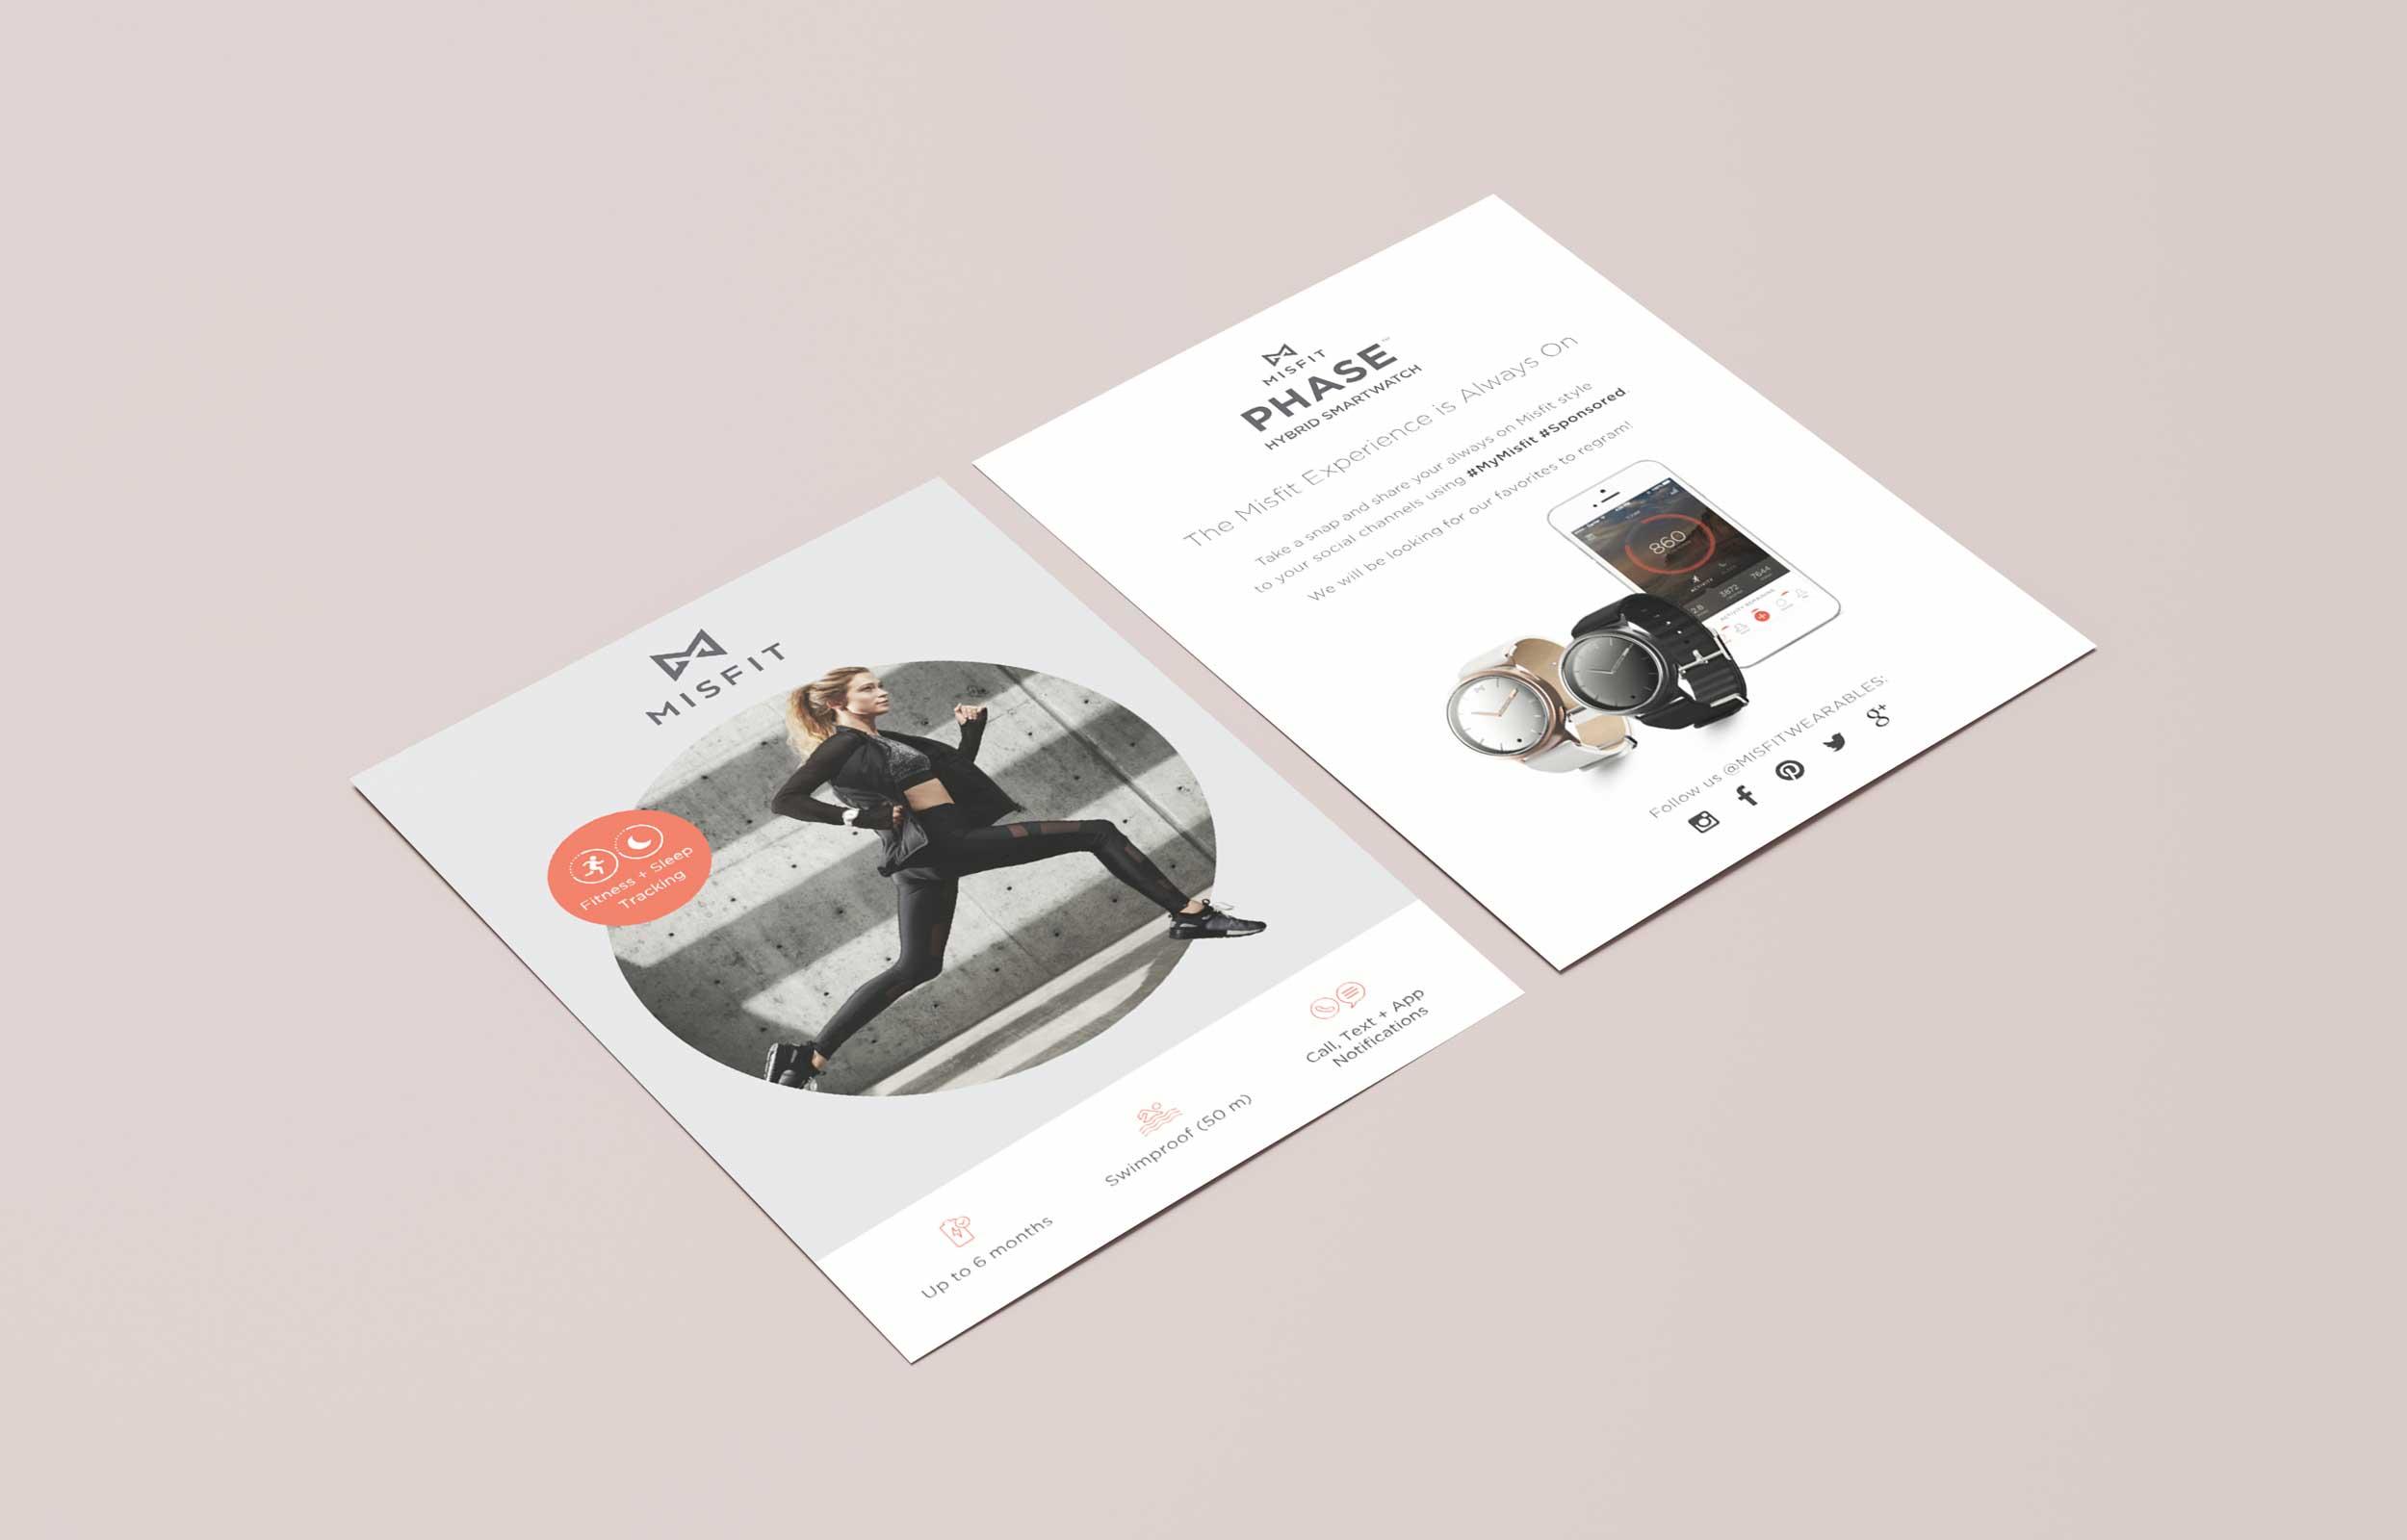 Misfit Cards for Influencers, Misfit Phase Front + Back